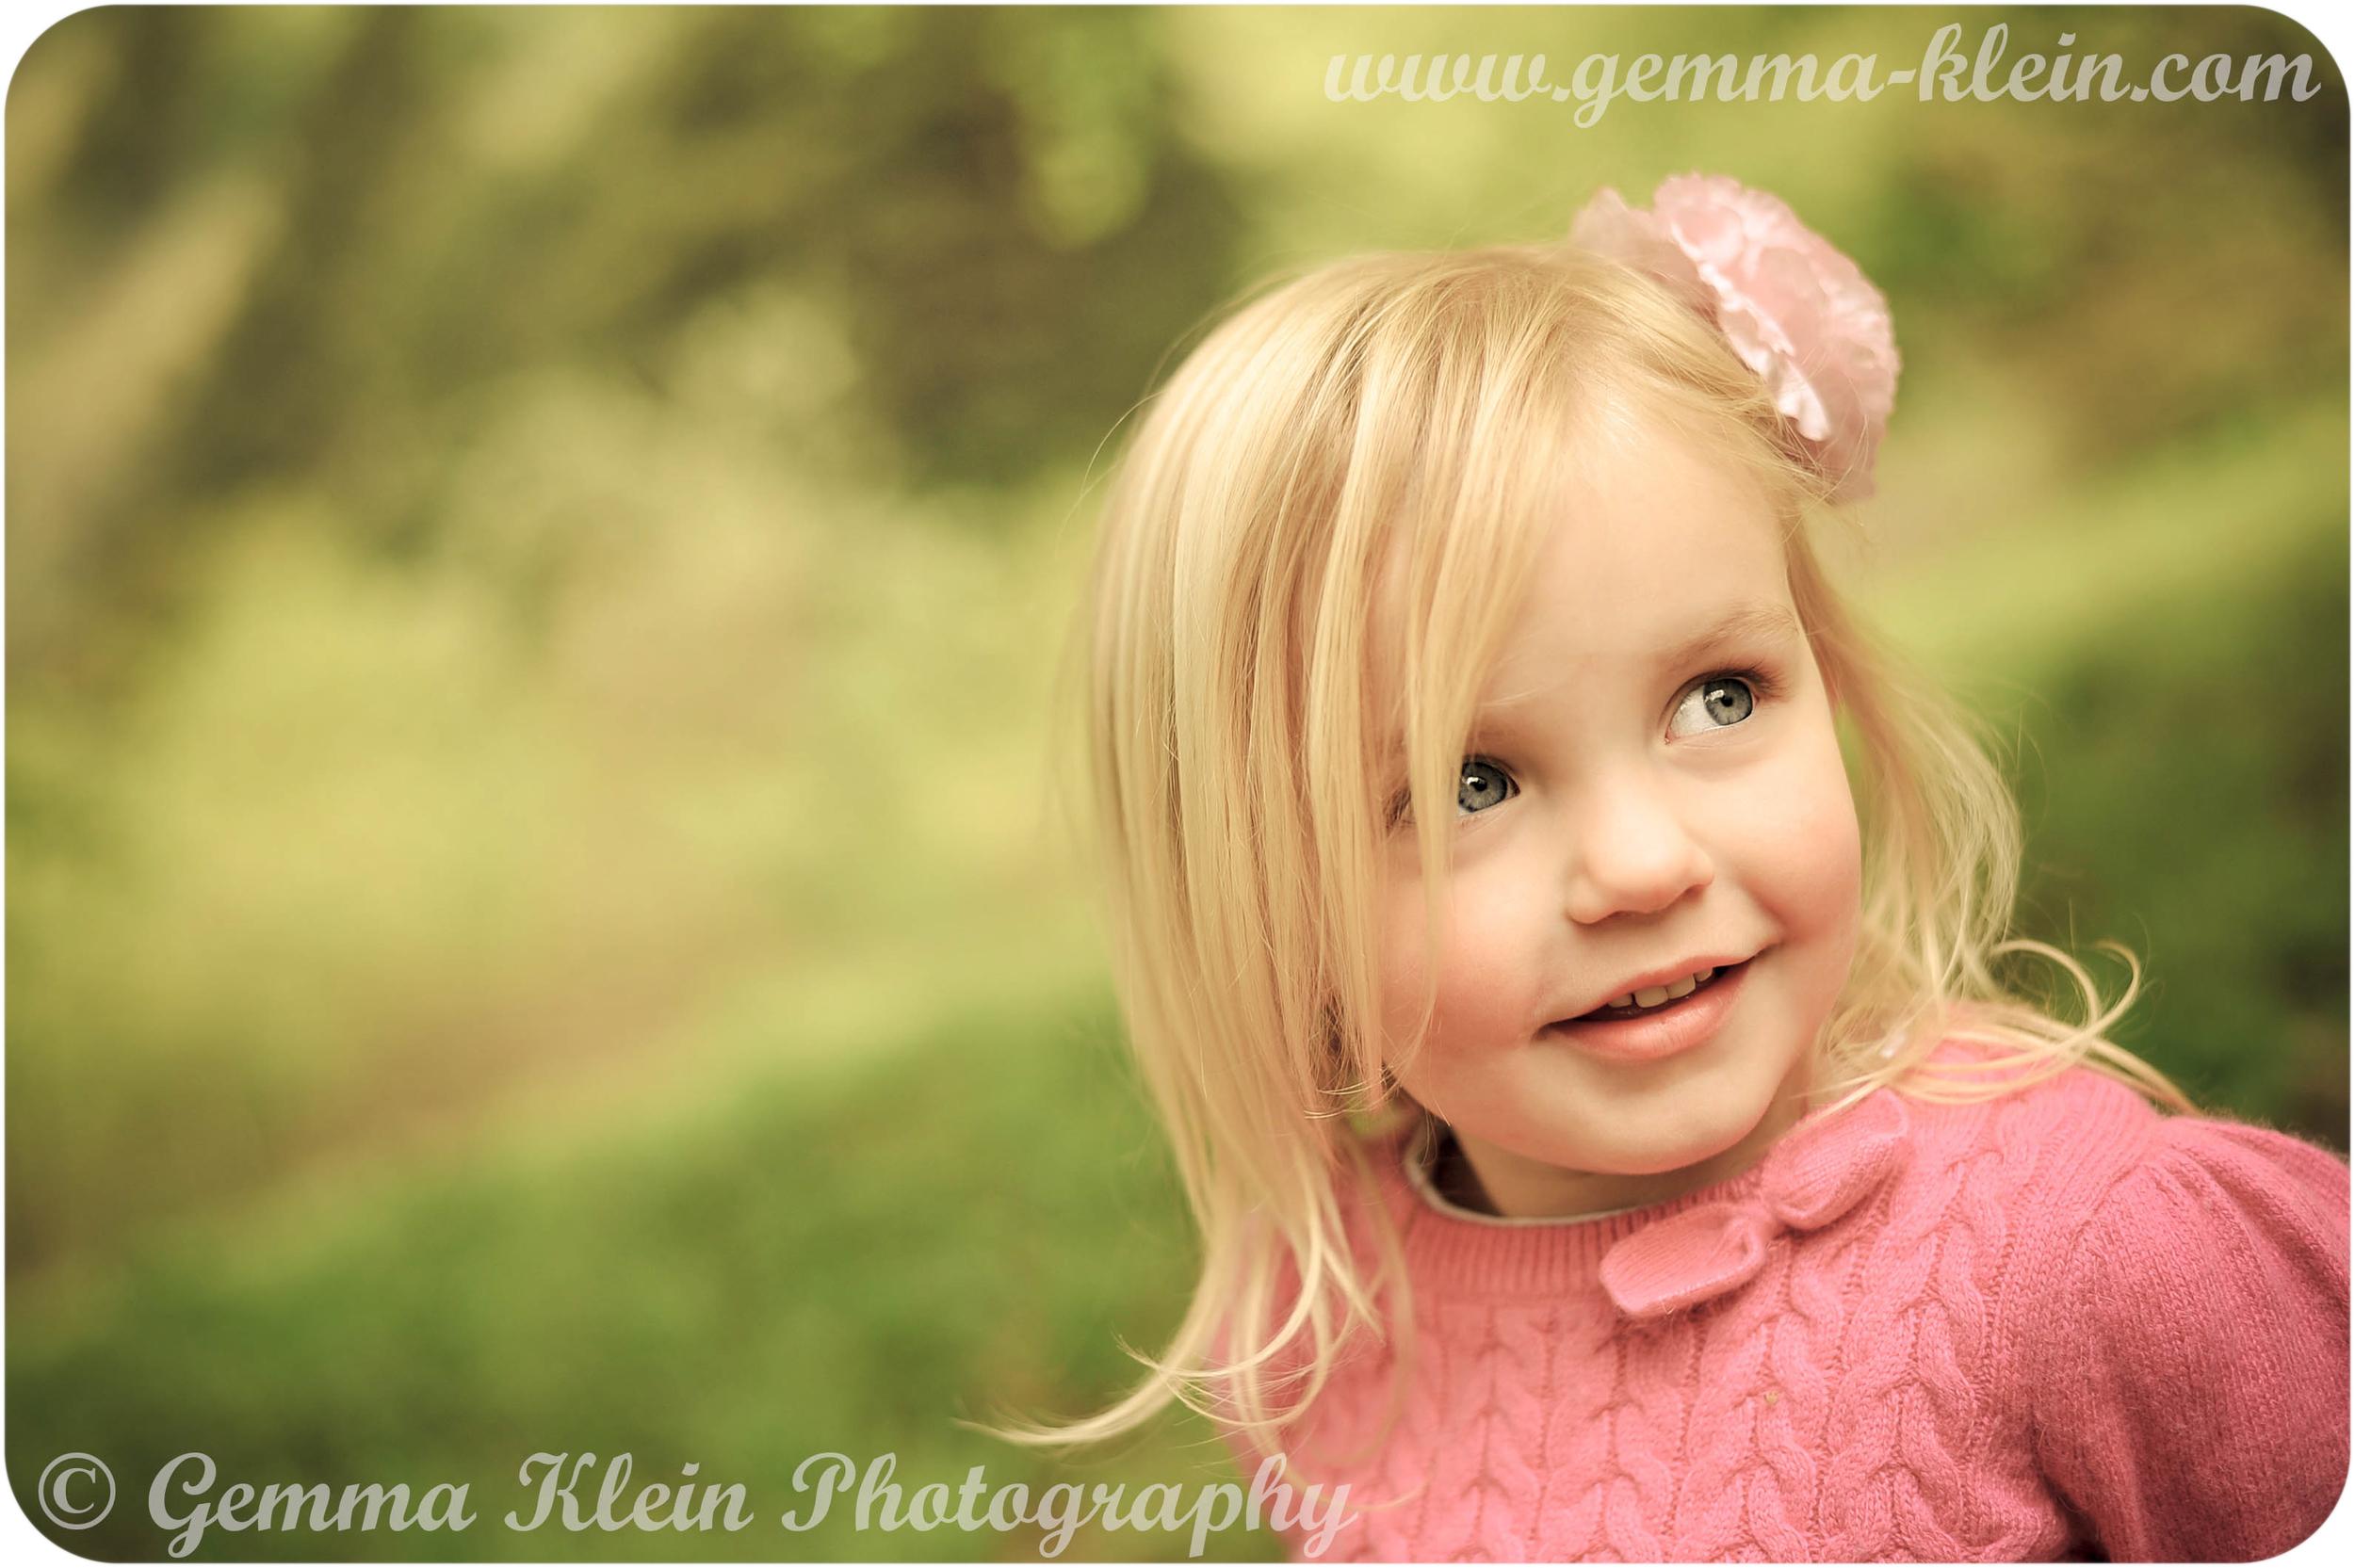 Gemma Klein Photography 2.jpg